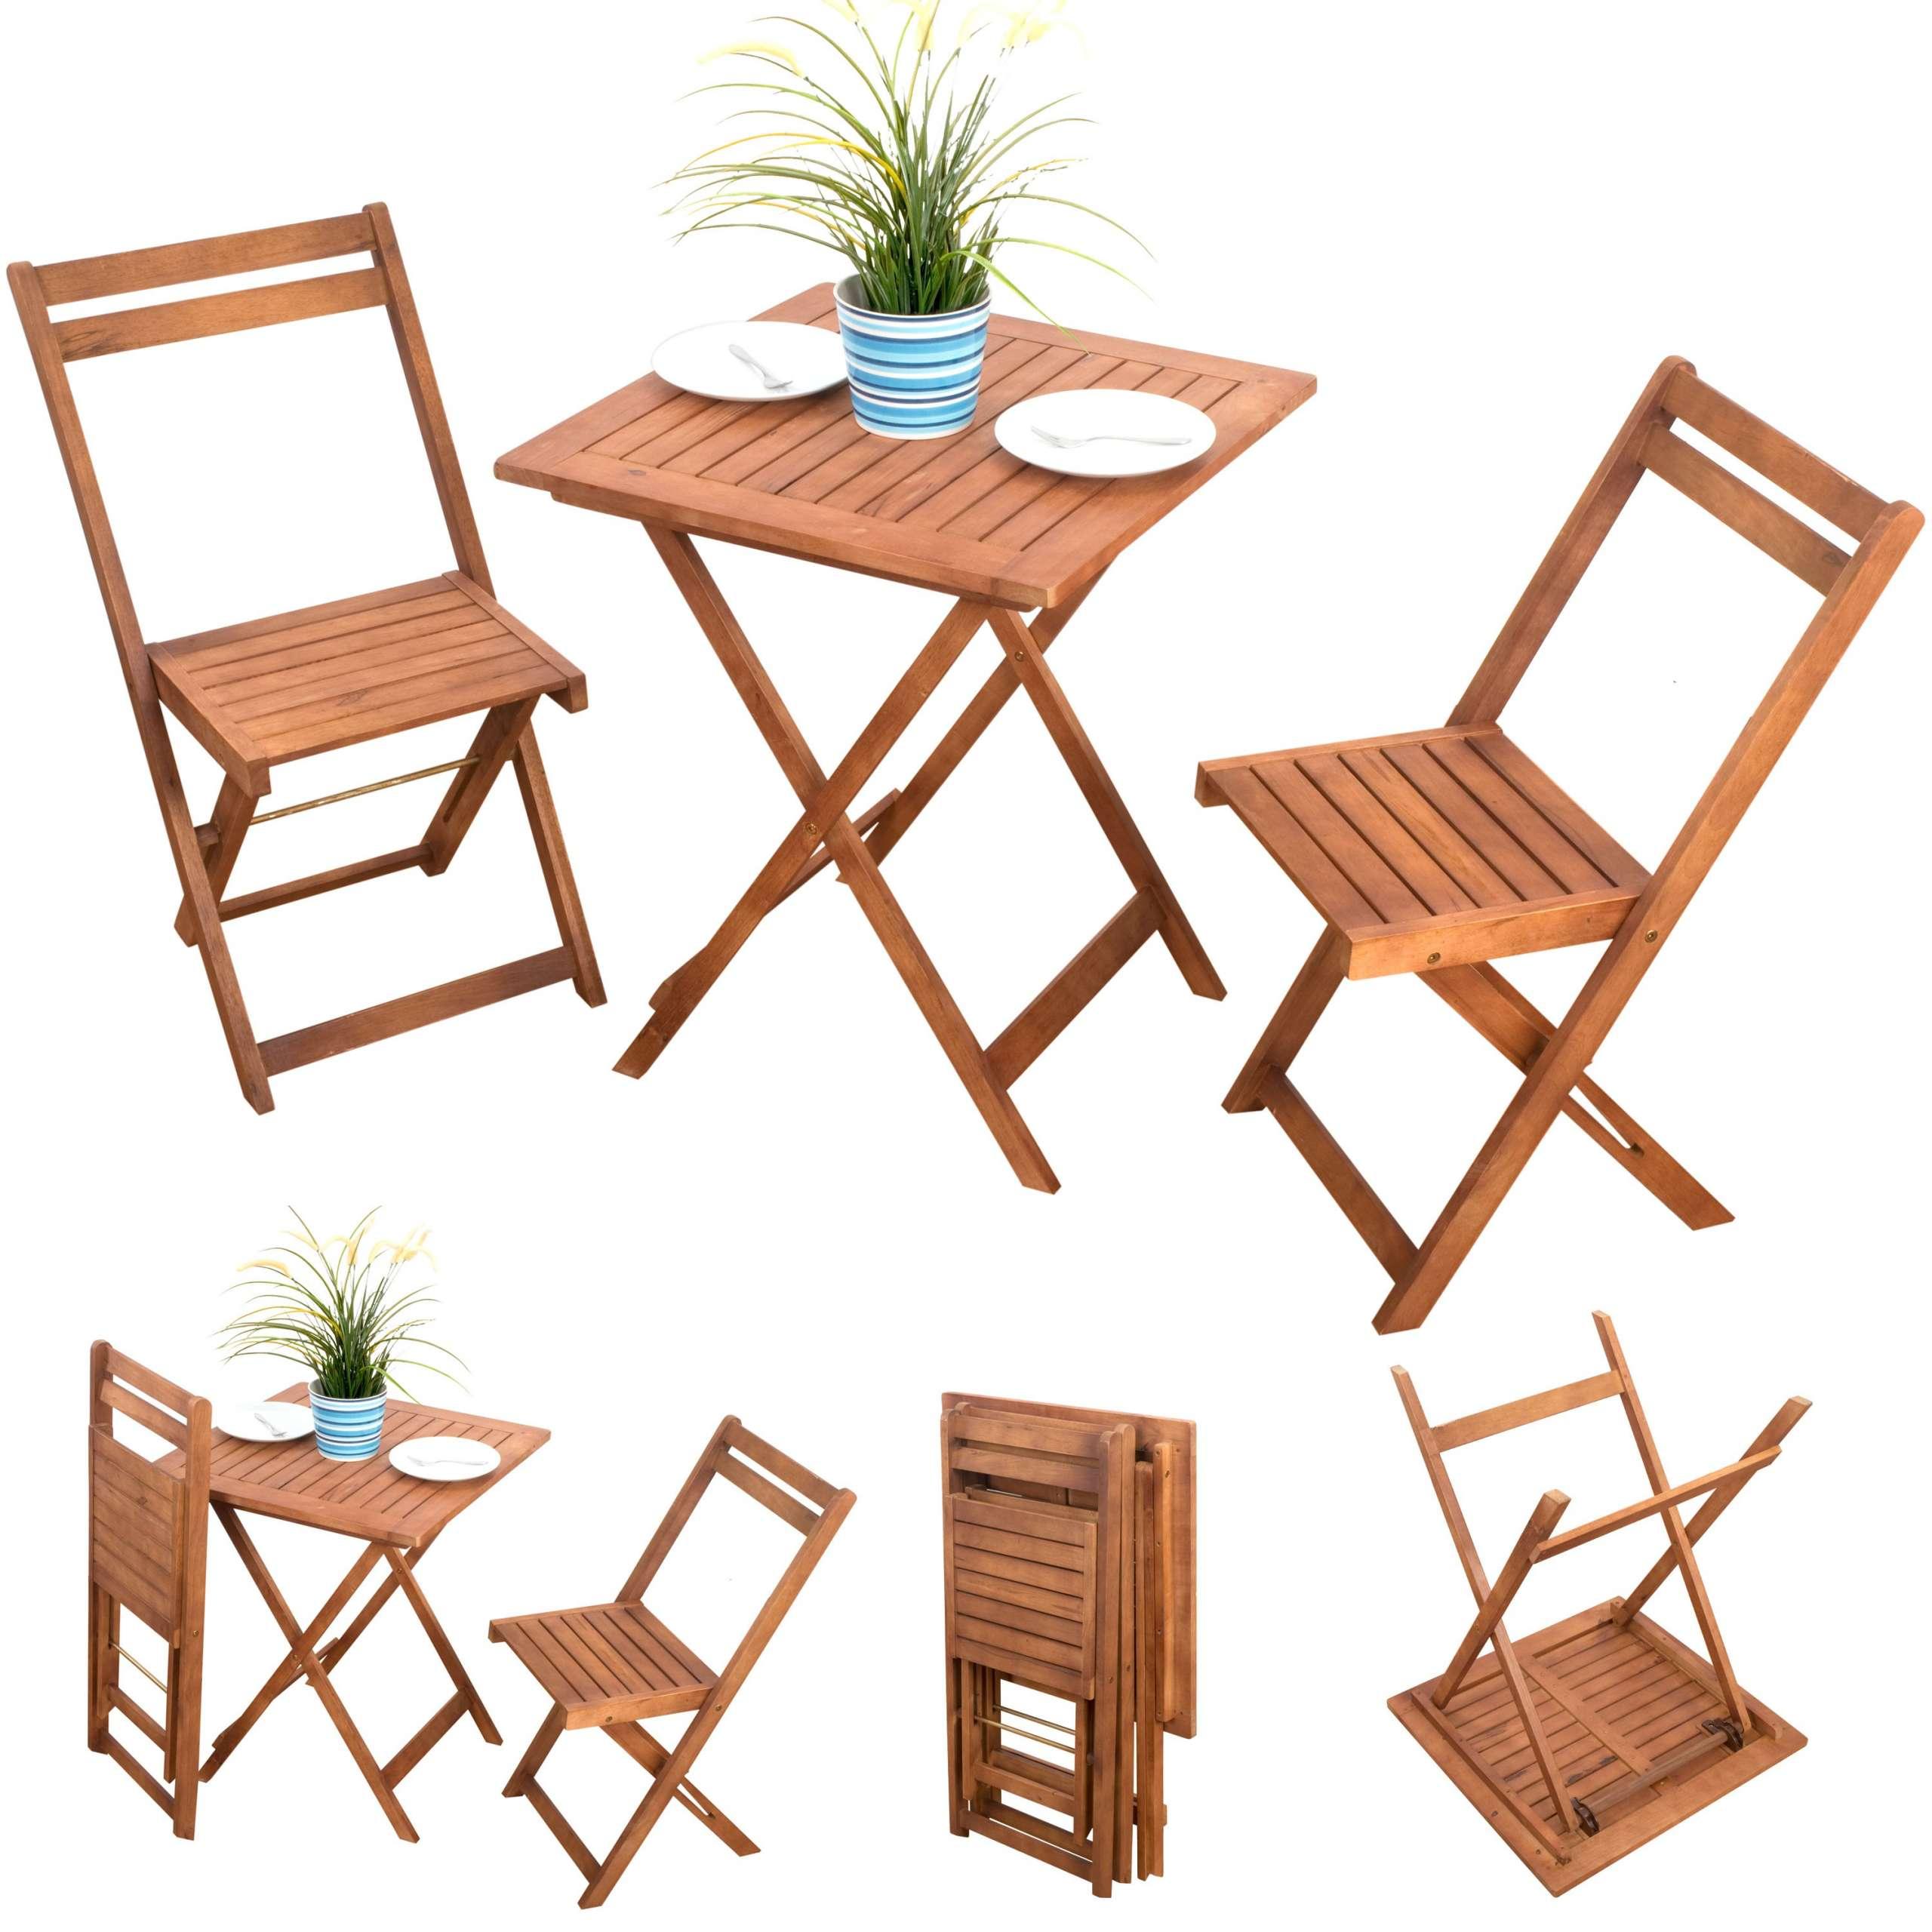 Neueste Balkonmoebel Set Guenstig Konzept - Garten-Design-Ideen